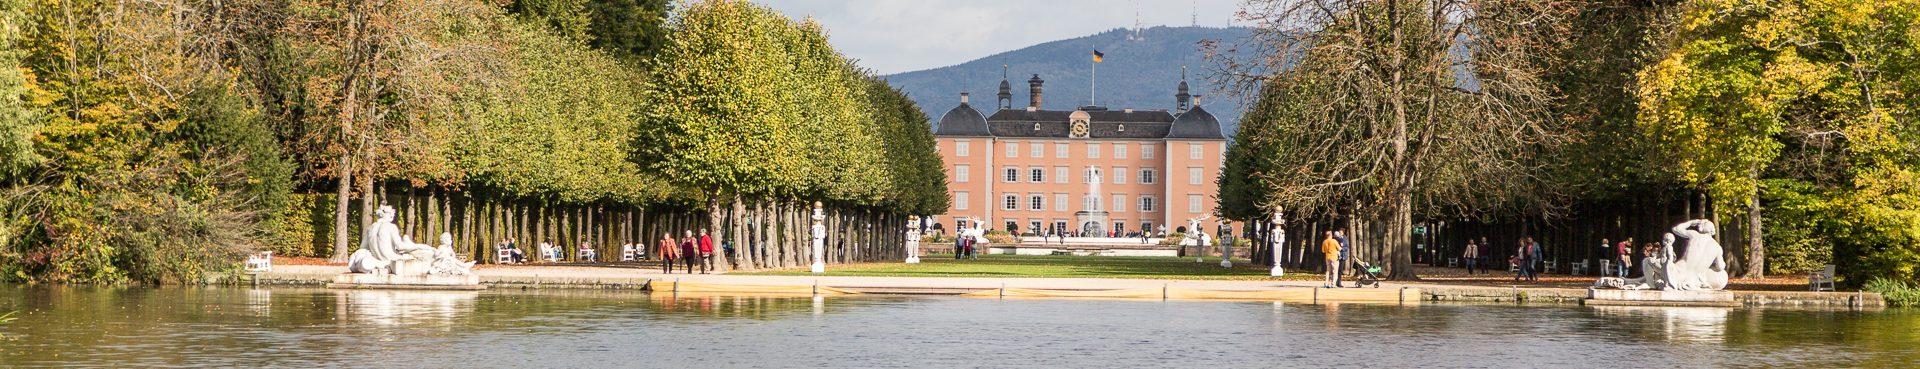 Oktober im Schlossgarten Schwetzingen